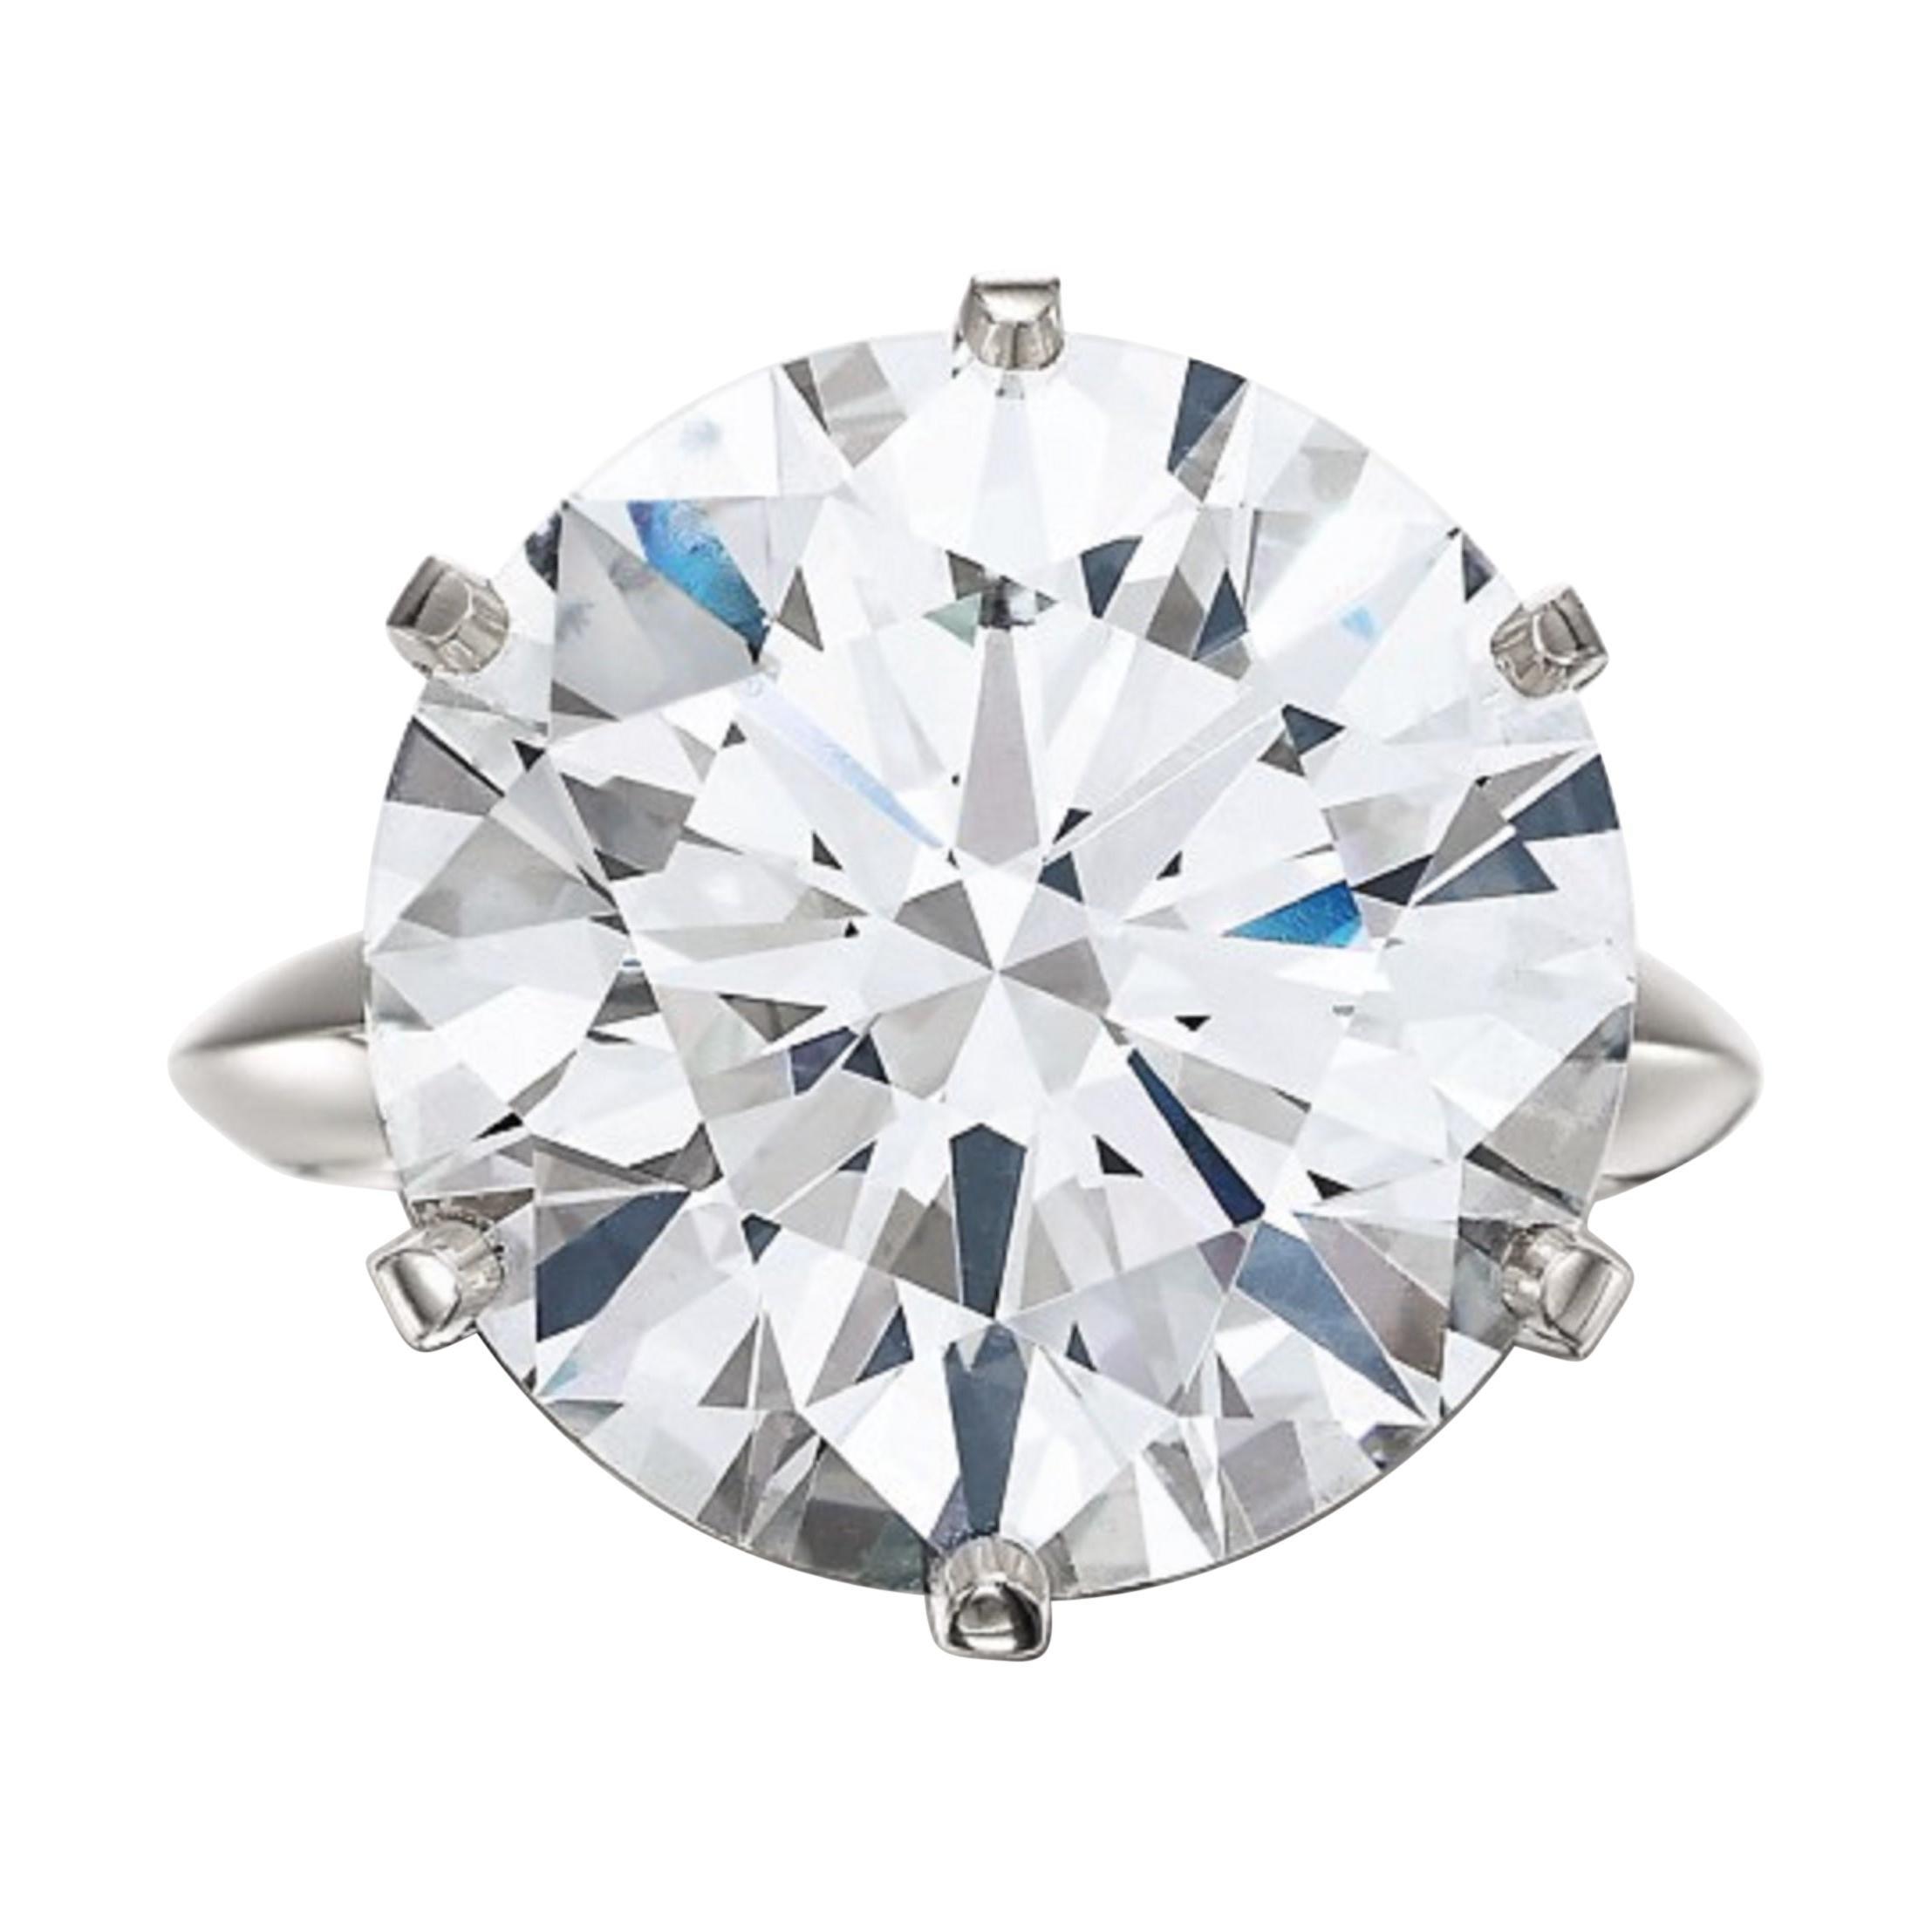 Tiffany & Co. 5 Carat Solitaire Round Brilliant Cut Platinum Ring